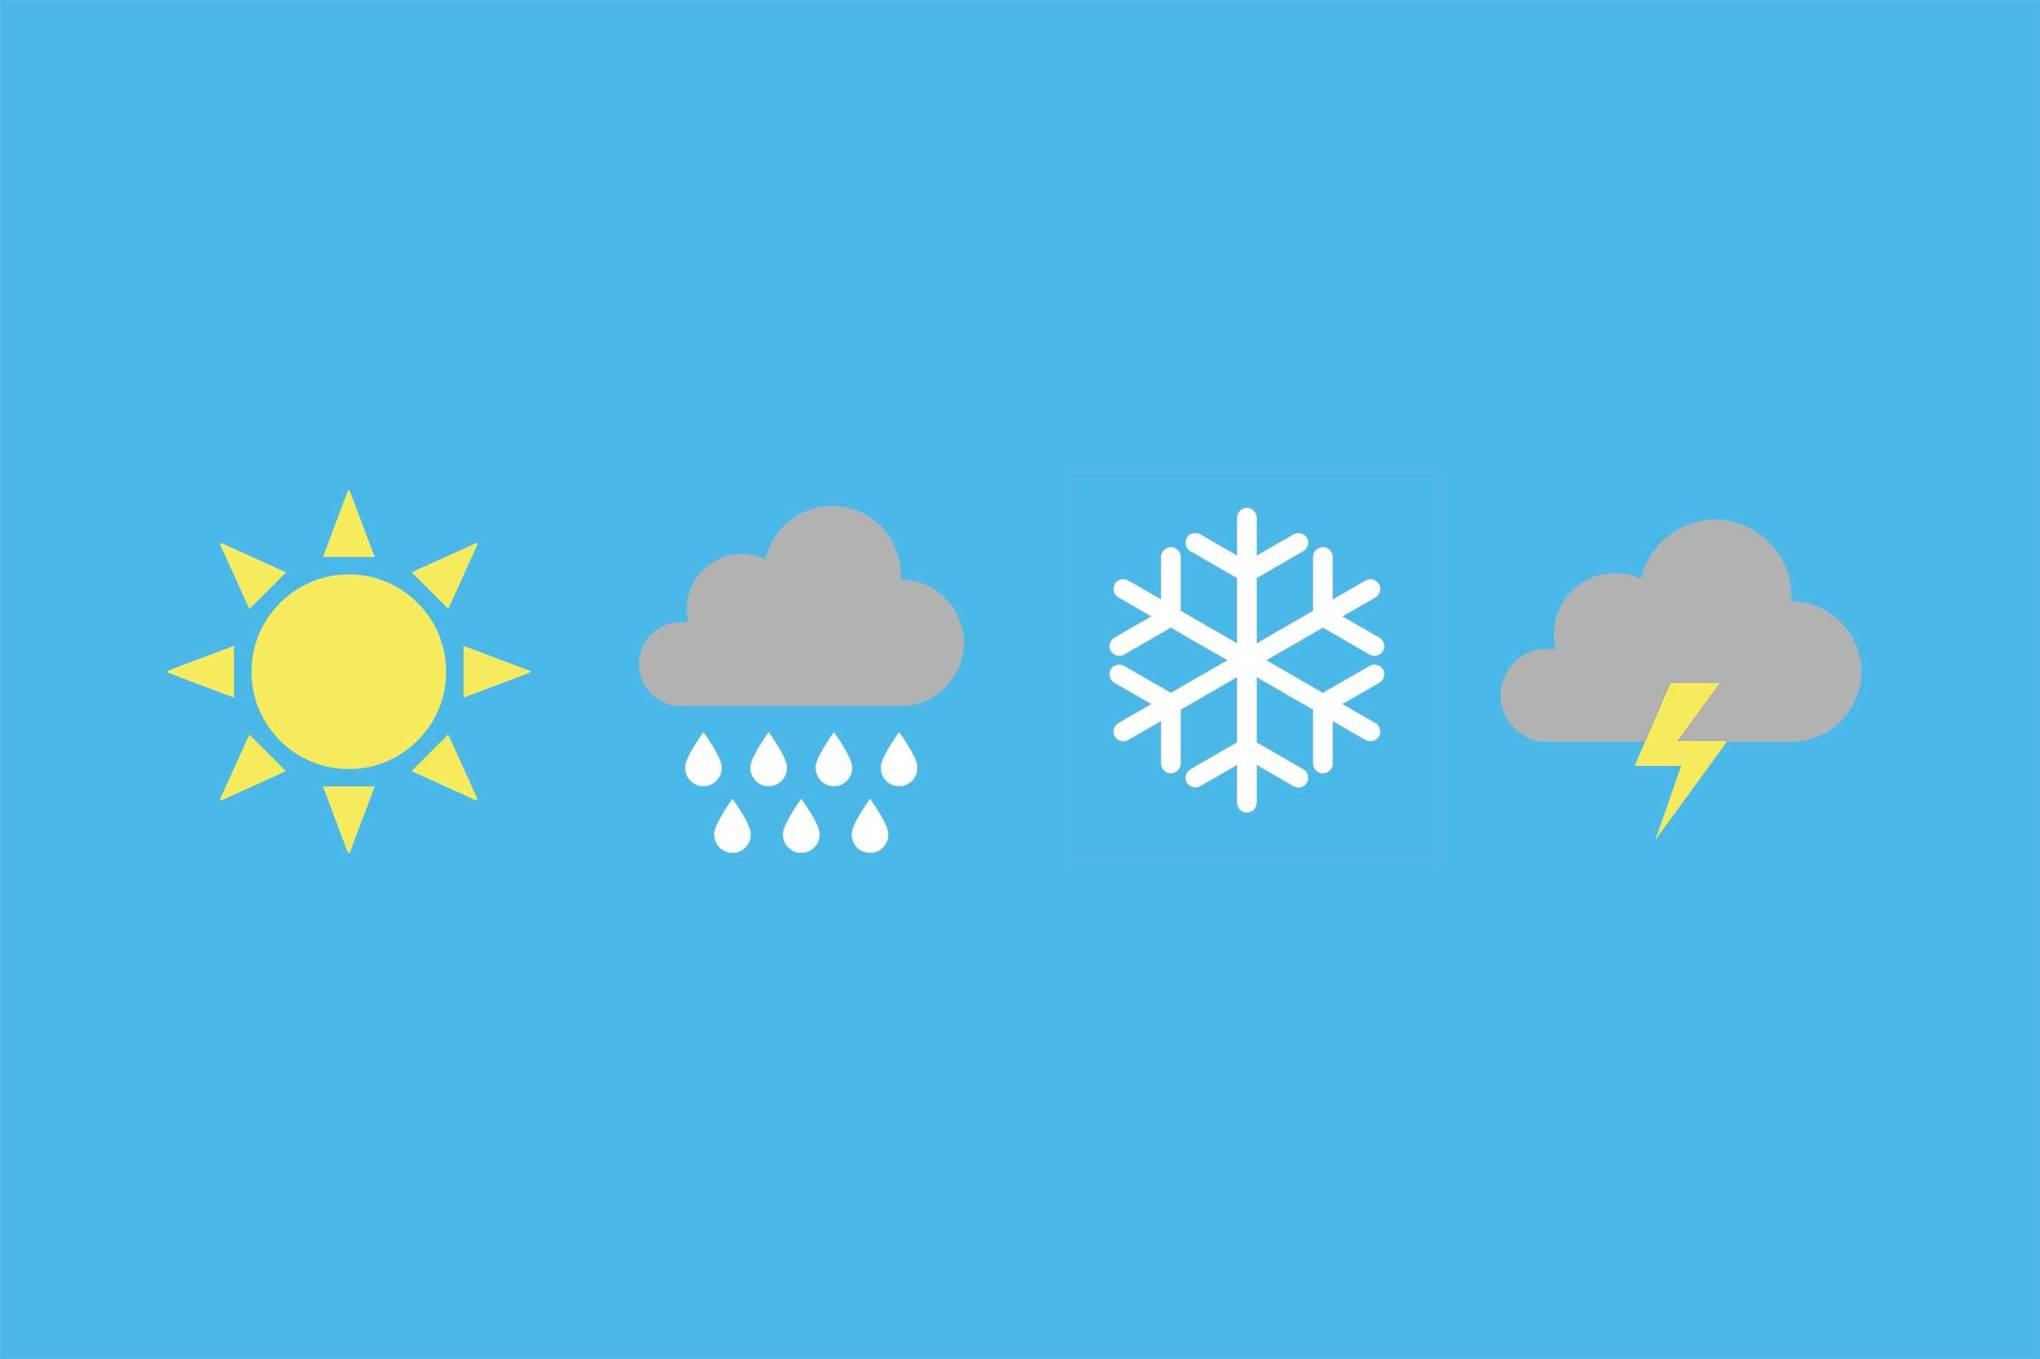 Gestione del rischio: lo stretto legame tra previsioni meteo e assicurazioni - Icona Clima